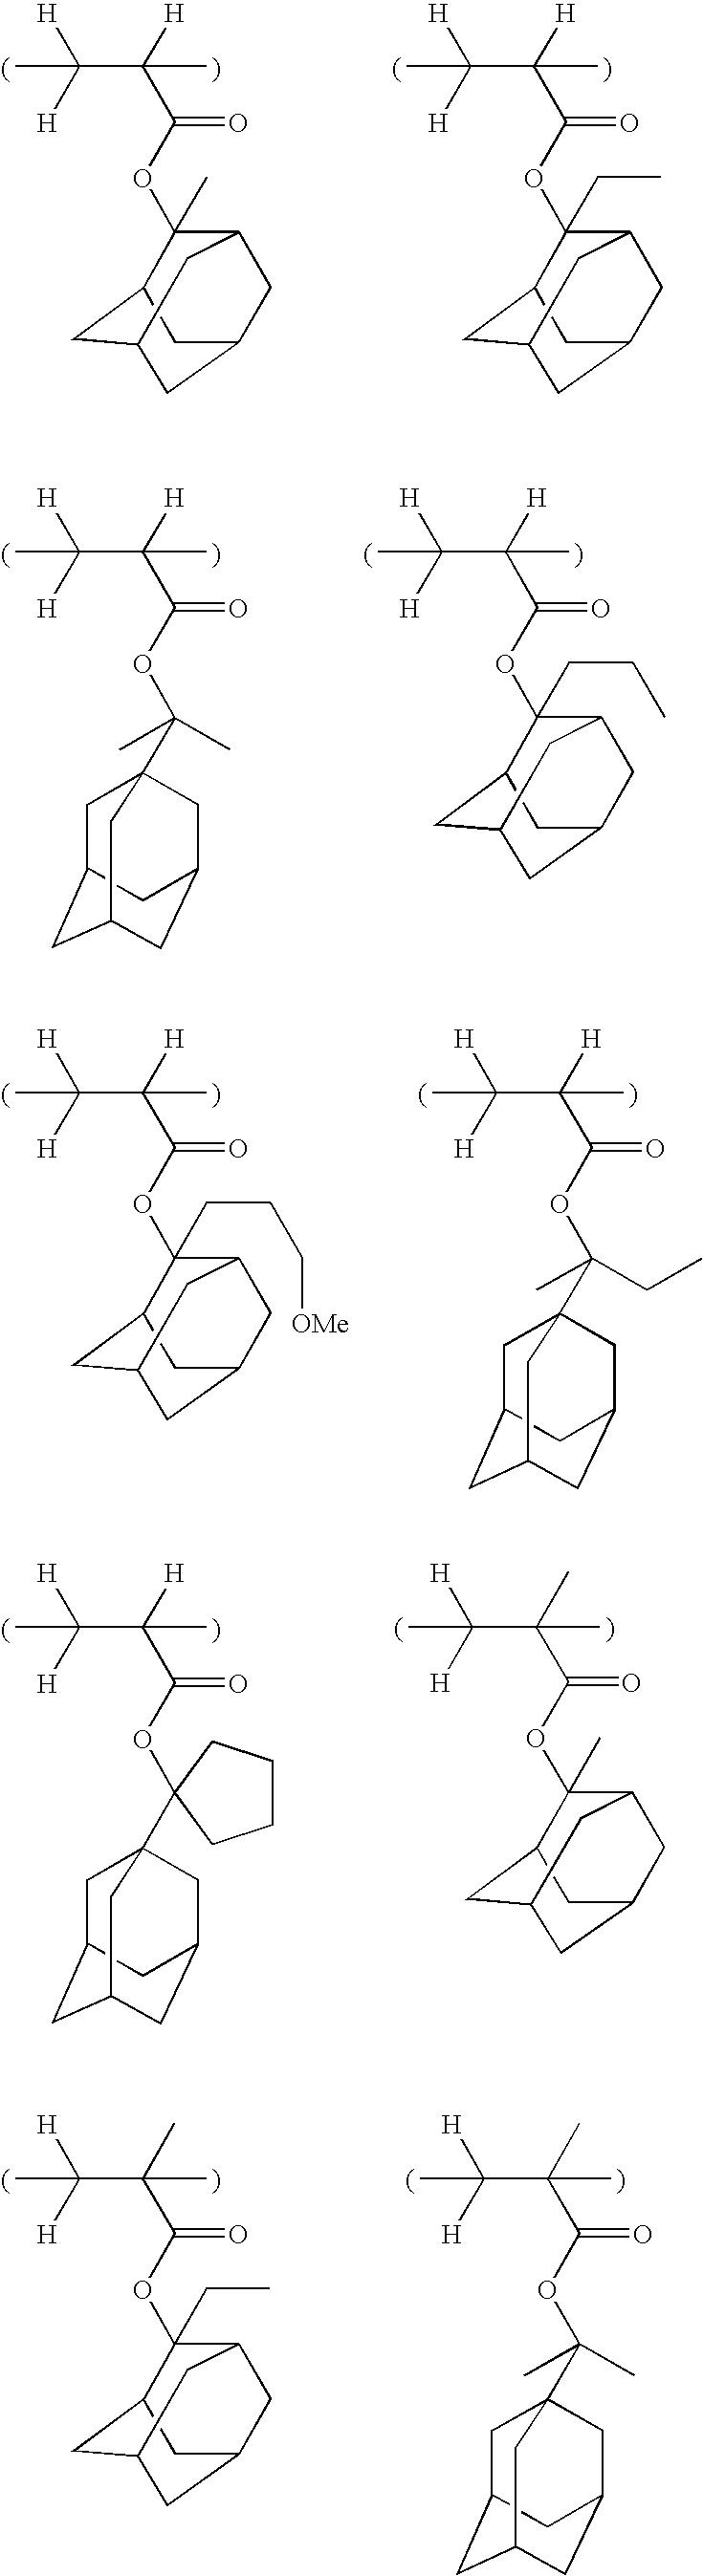 Figure US20050208424A1-20050922-C00006